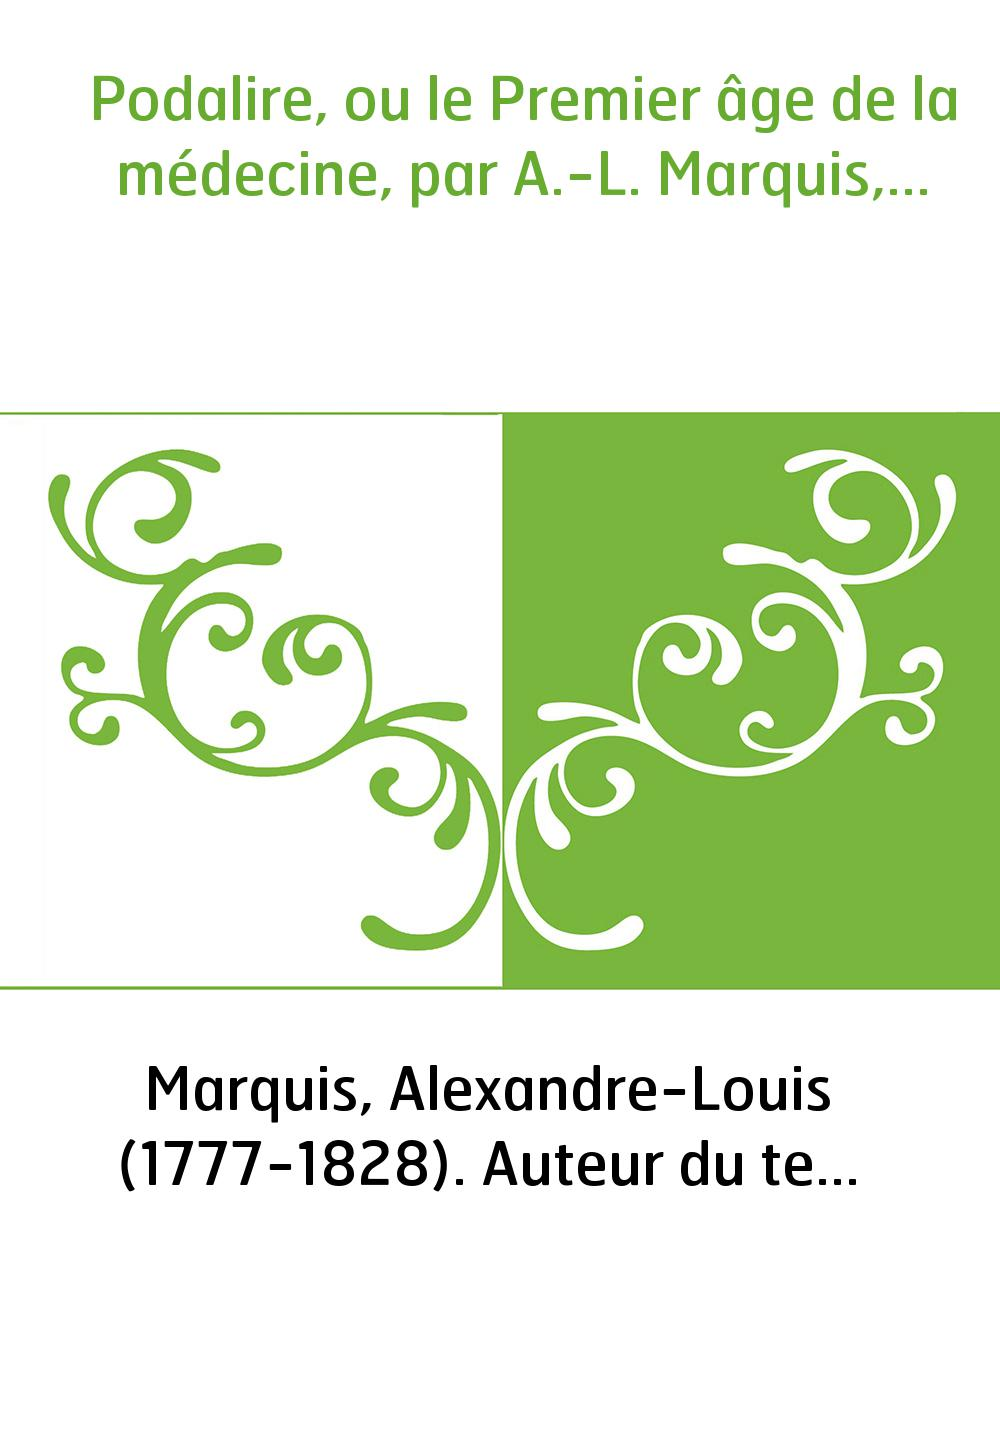 Podalire, ou le Premier âge de la médecine, par A.-L. Marquis,...